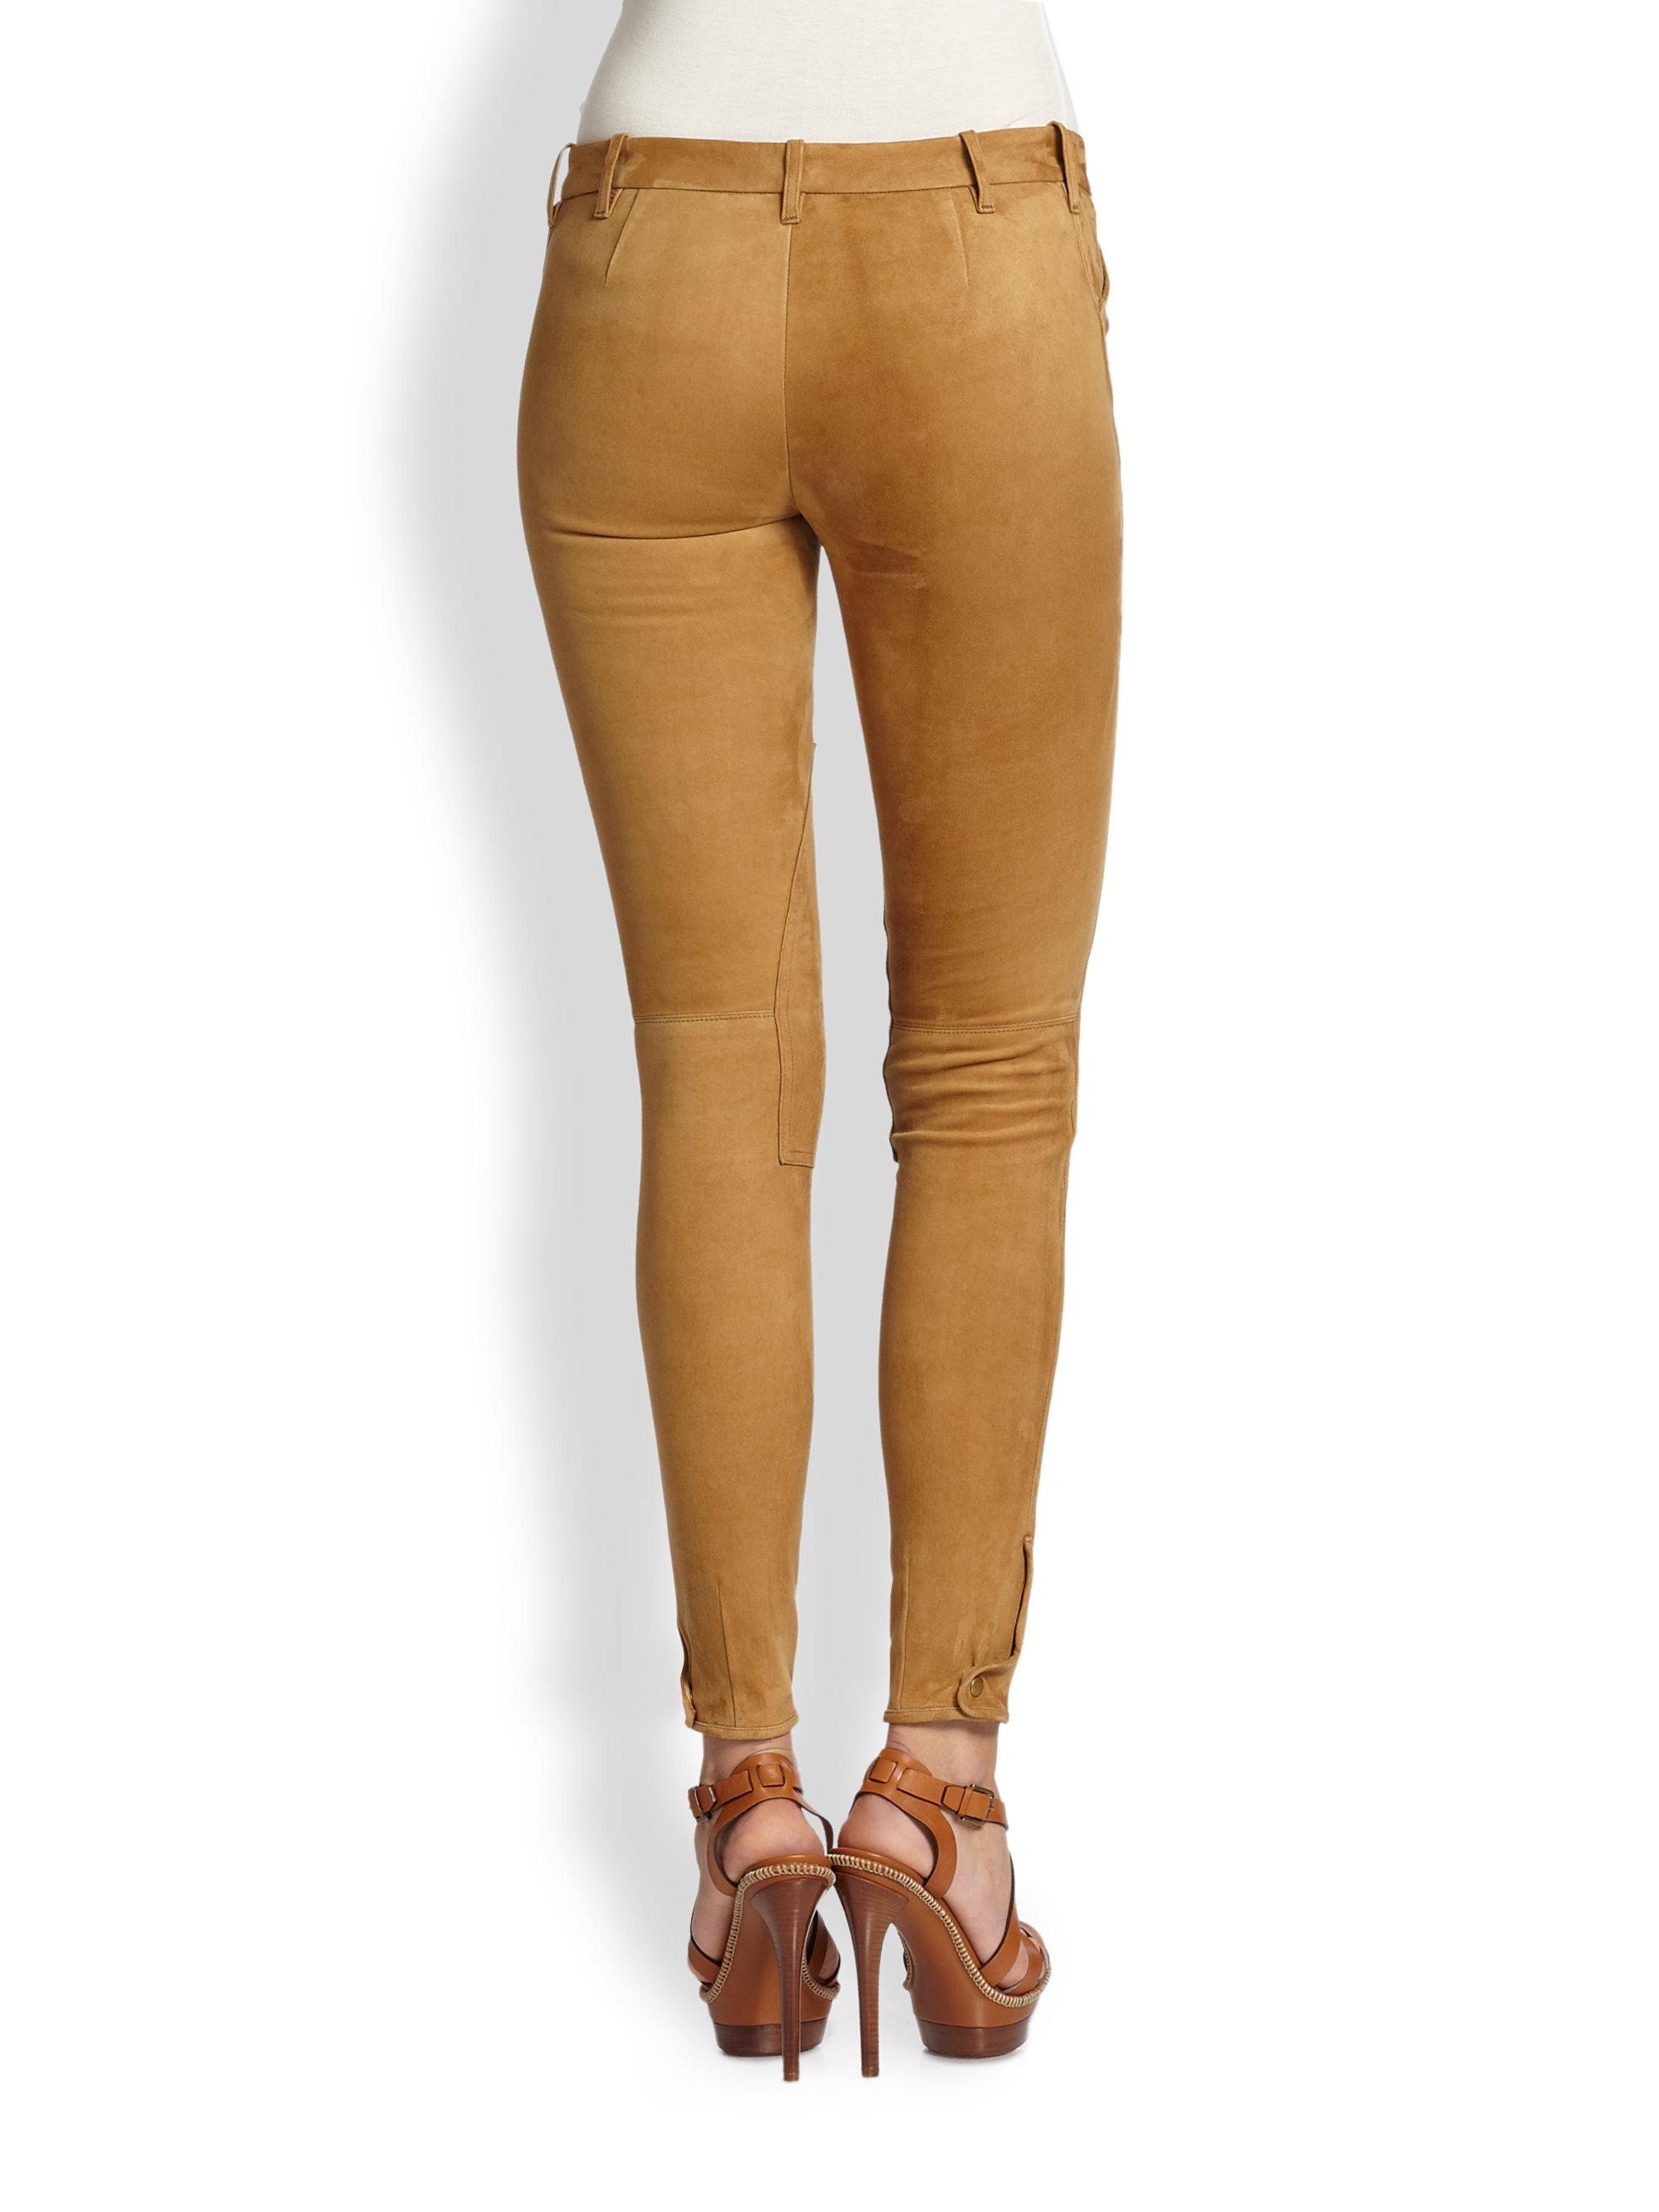 Lyst Ralph Lauren Blue Label Suede Palermo Jodhpur Pants